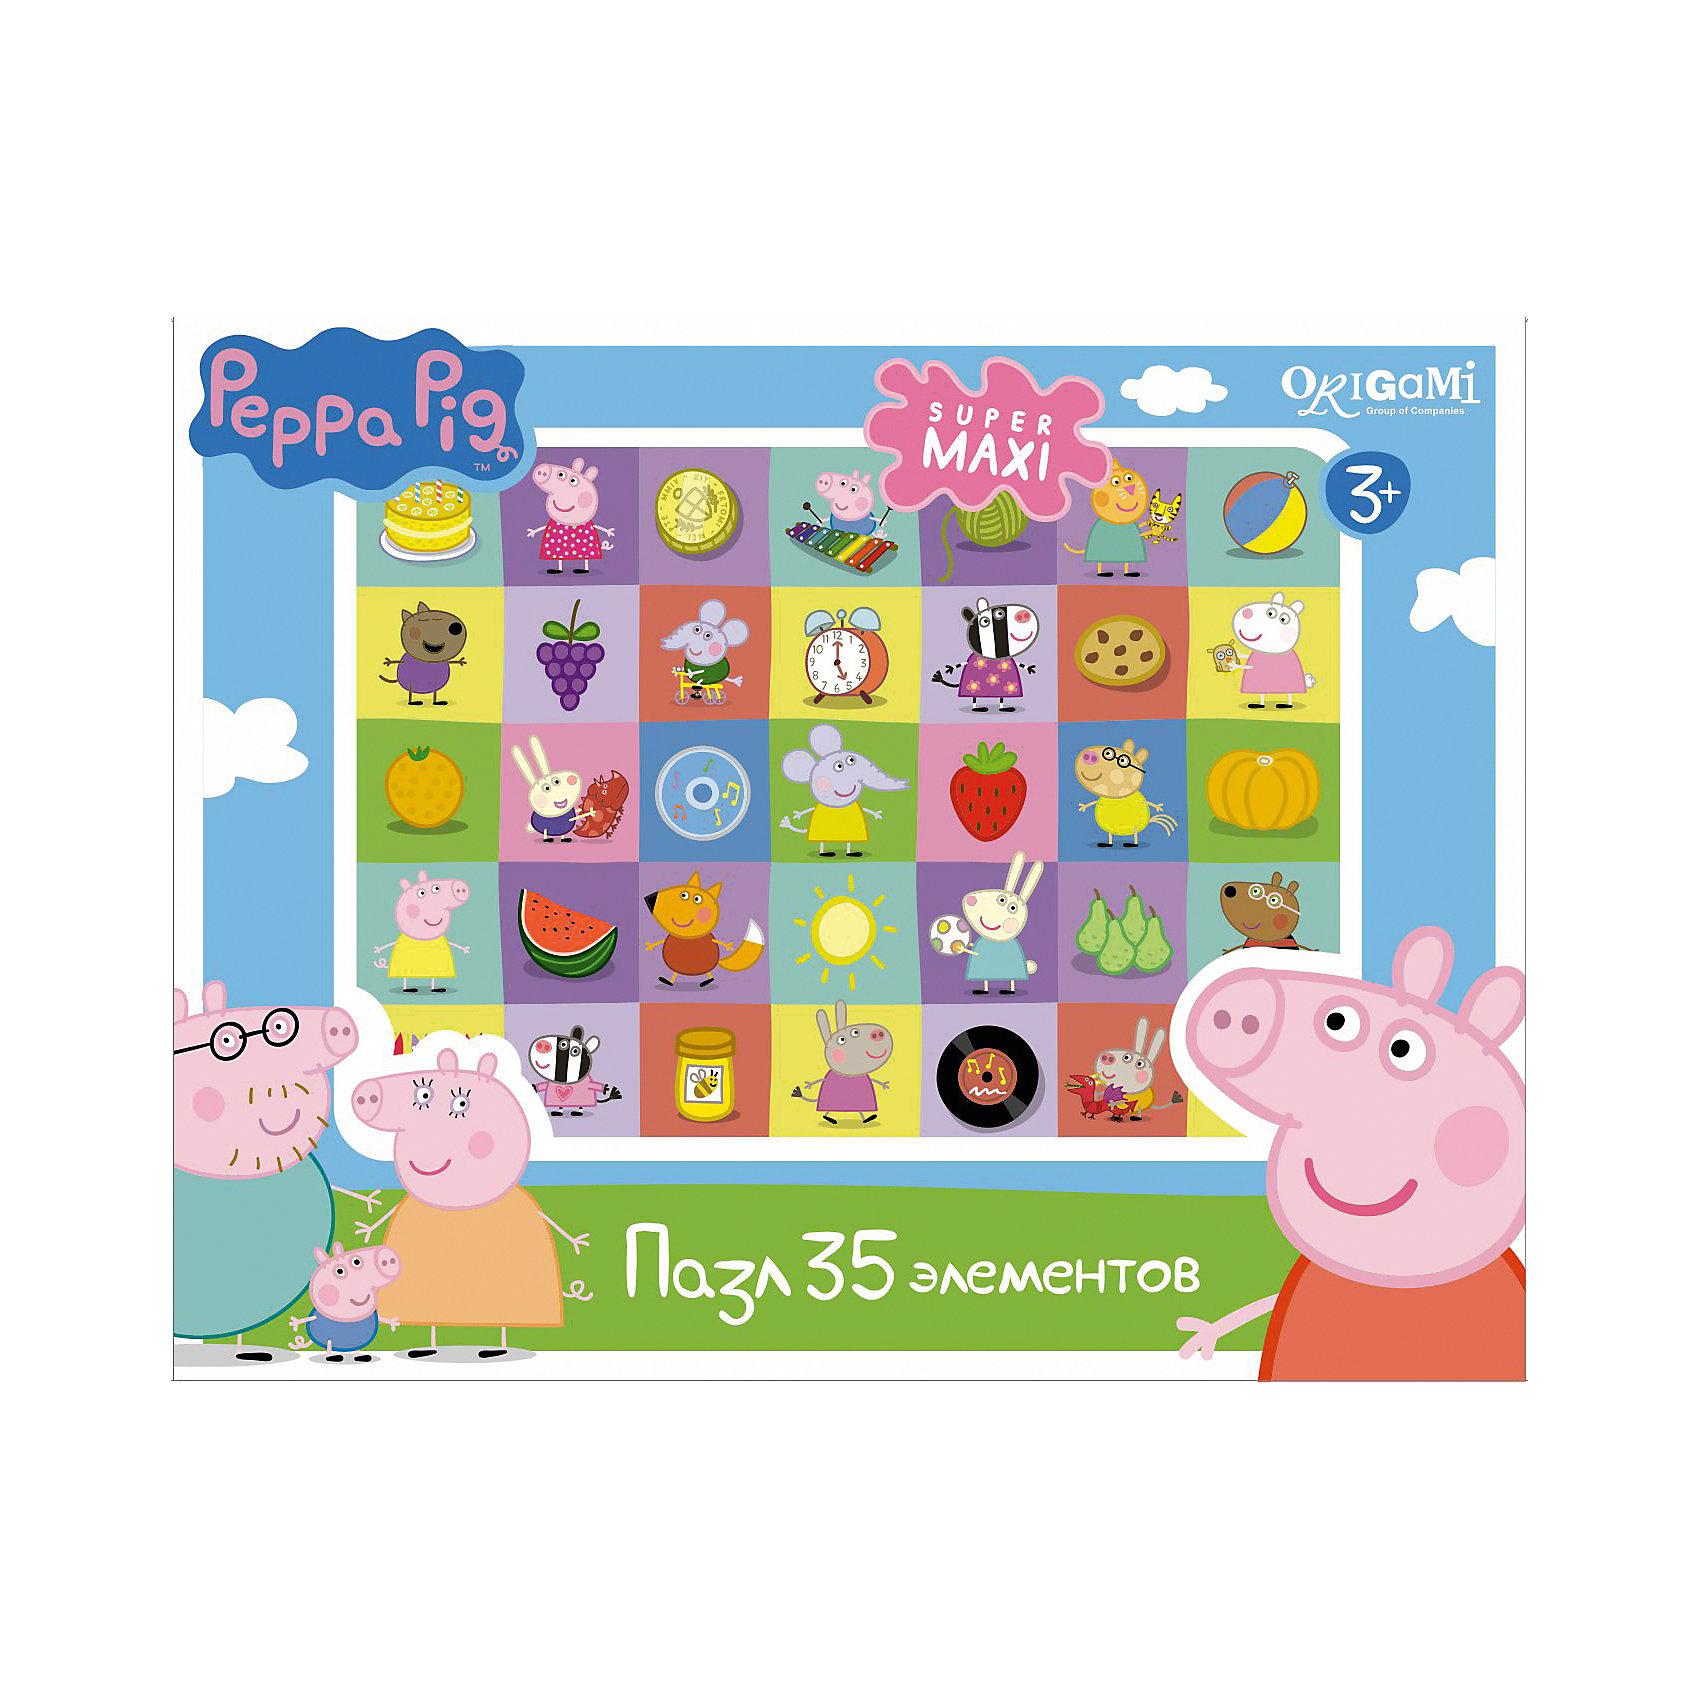 Пазл Герои и предметы, 35 деталей, Свинка Пеппа, OrigamiСвинка Пеппа<br>Пазл Герои и предметы, Свинка Пеппа, Origami - увлекательный набор для творчества, который заинтересует Вашего малыша и подарит ему отличное настроение. Из деталей пазла он сможет собрать красочную картинку с изображениями любимых персонажей из популярного мультсериала Peppa Pig, а также различных предметов. Пазл отличается высоким качеством полиграфии и насыщенными цветами. Благодаря ламинированному покрытию картинка надолго сохраняет свой блеск и яркие цвета. Плотный картон не дает деталям мяться и обеспечивает надежное соединение. Собирание пазла способствует развитию логического и пространственного мышления, внимания, мелкой моторики и координации движений.<br><br>Дополнительная информация:<br><br>- Материал: картон. <br>- Количество деталей: 35.<br>- Размер собранной картинки: 33 х 47 см.<br>- Размер упаковки: 23 x 18 x 5 см.<br>- Вес: 226 гр.<br> <br>Пазл Герои и предметы, 35 деталей, Свинка Пеппа, Origami, можно купить в нашем интернет-магазине.<br><br>Ширина мм: 230<br>Глубина мм: 50<br>Высота мм: 180<br>Вес г: 226<br>Возраст от месяцев: 36<br>Возраст до месяцев: 96<br>Пол: Унисекс<br>Возраст: Детский<br>SKU: 4614939